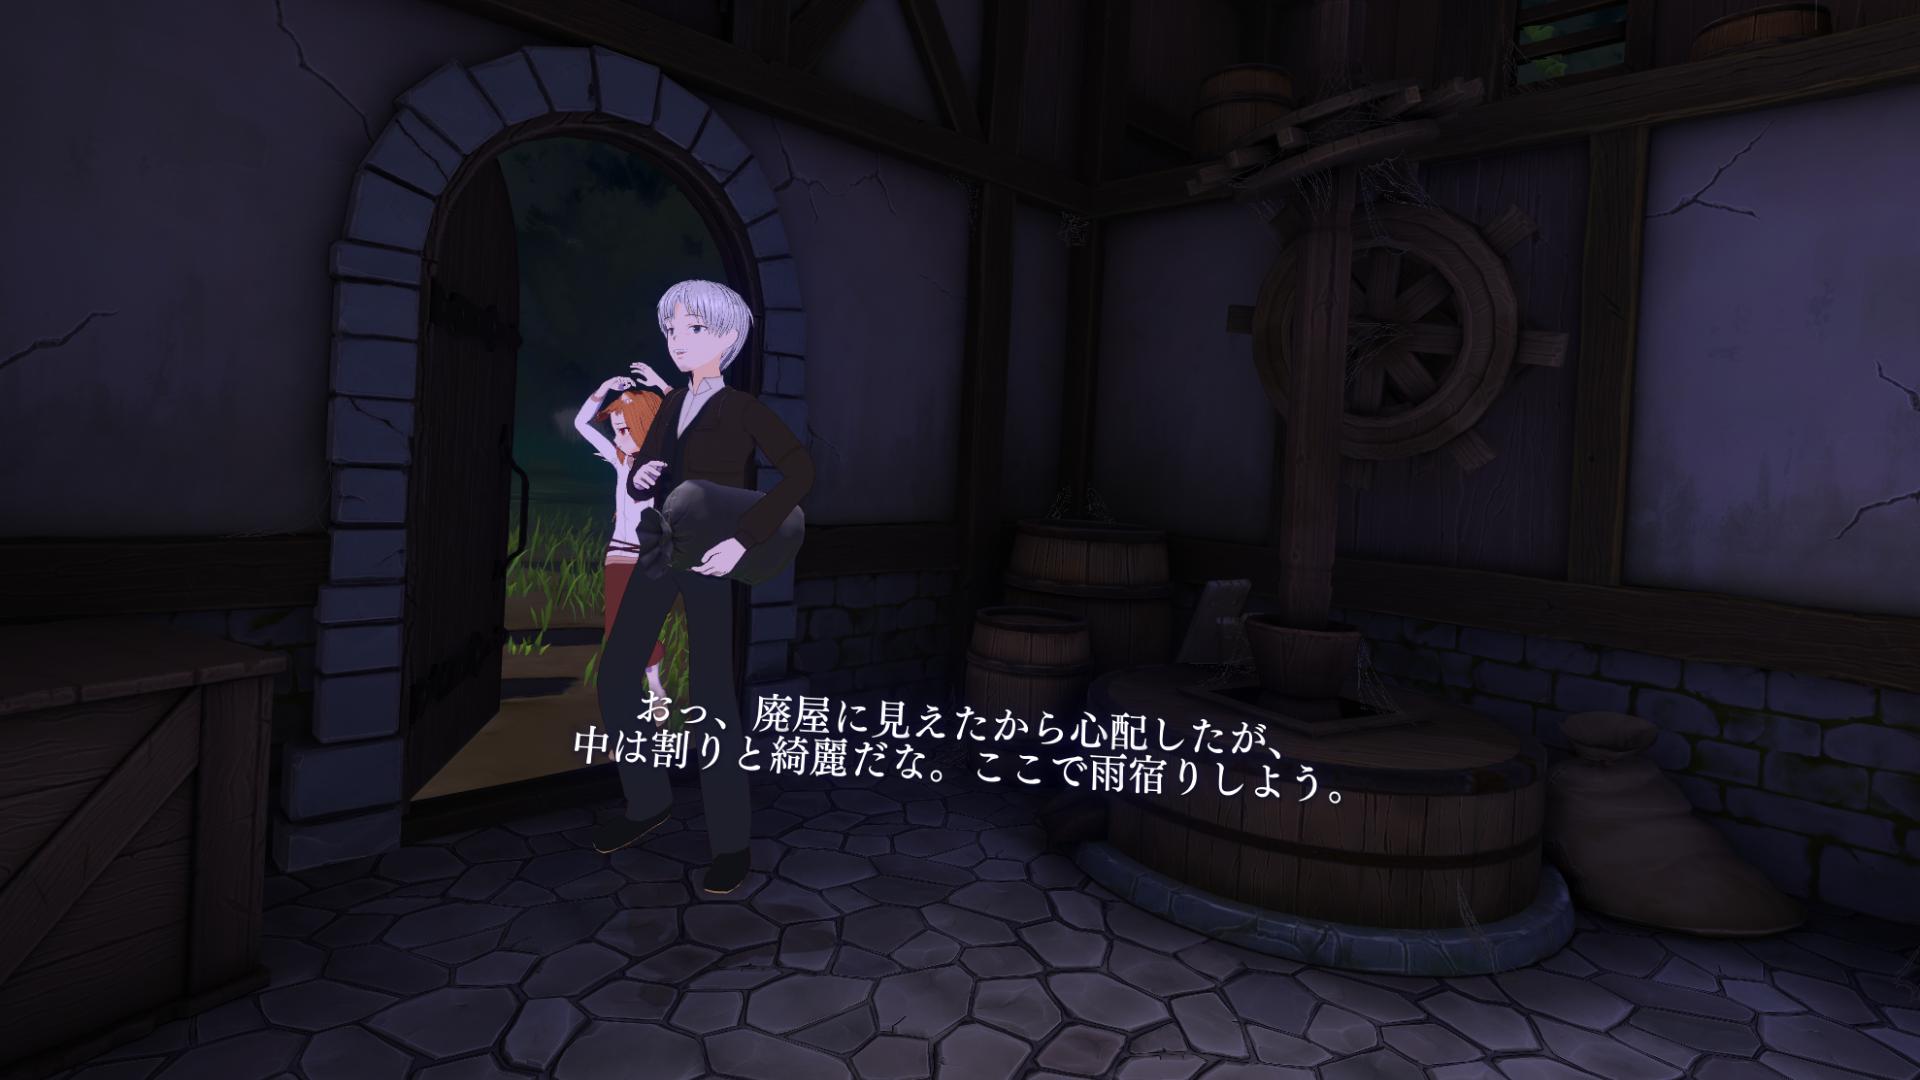 【狼と香辛料VR】感想レビュー1